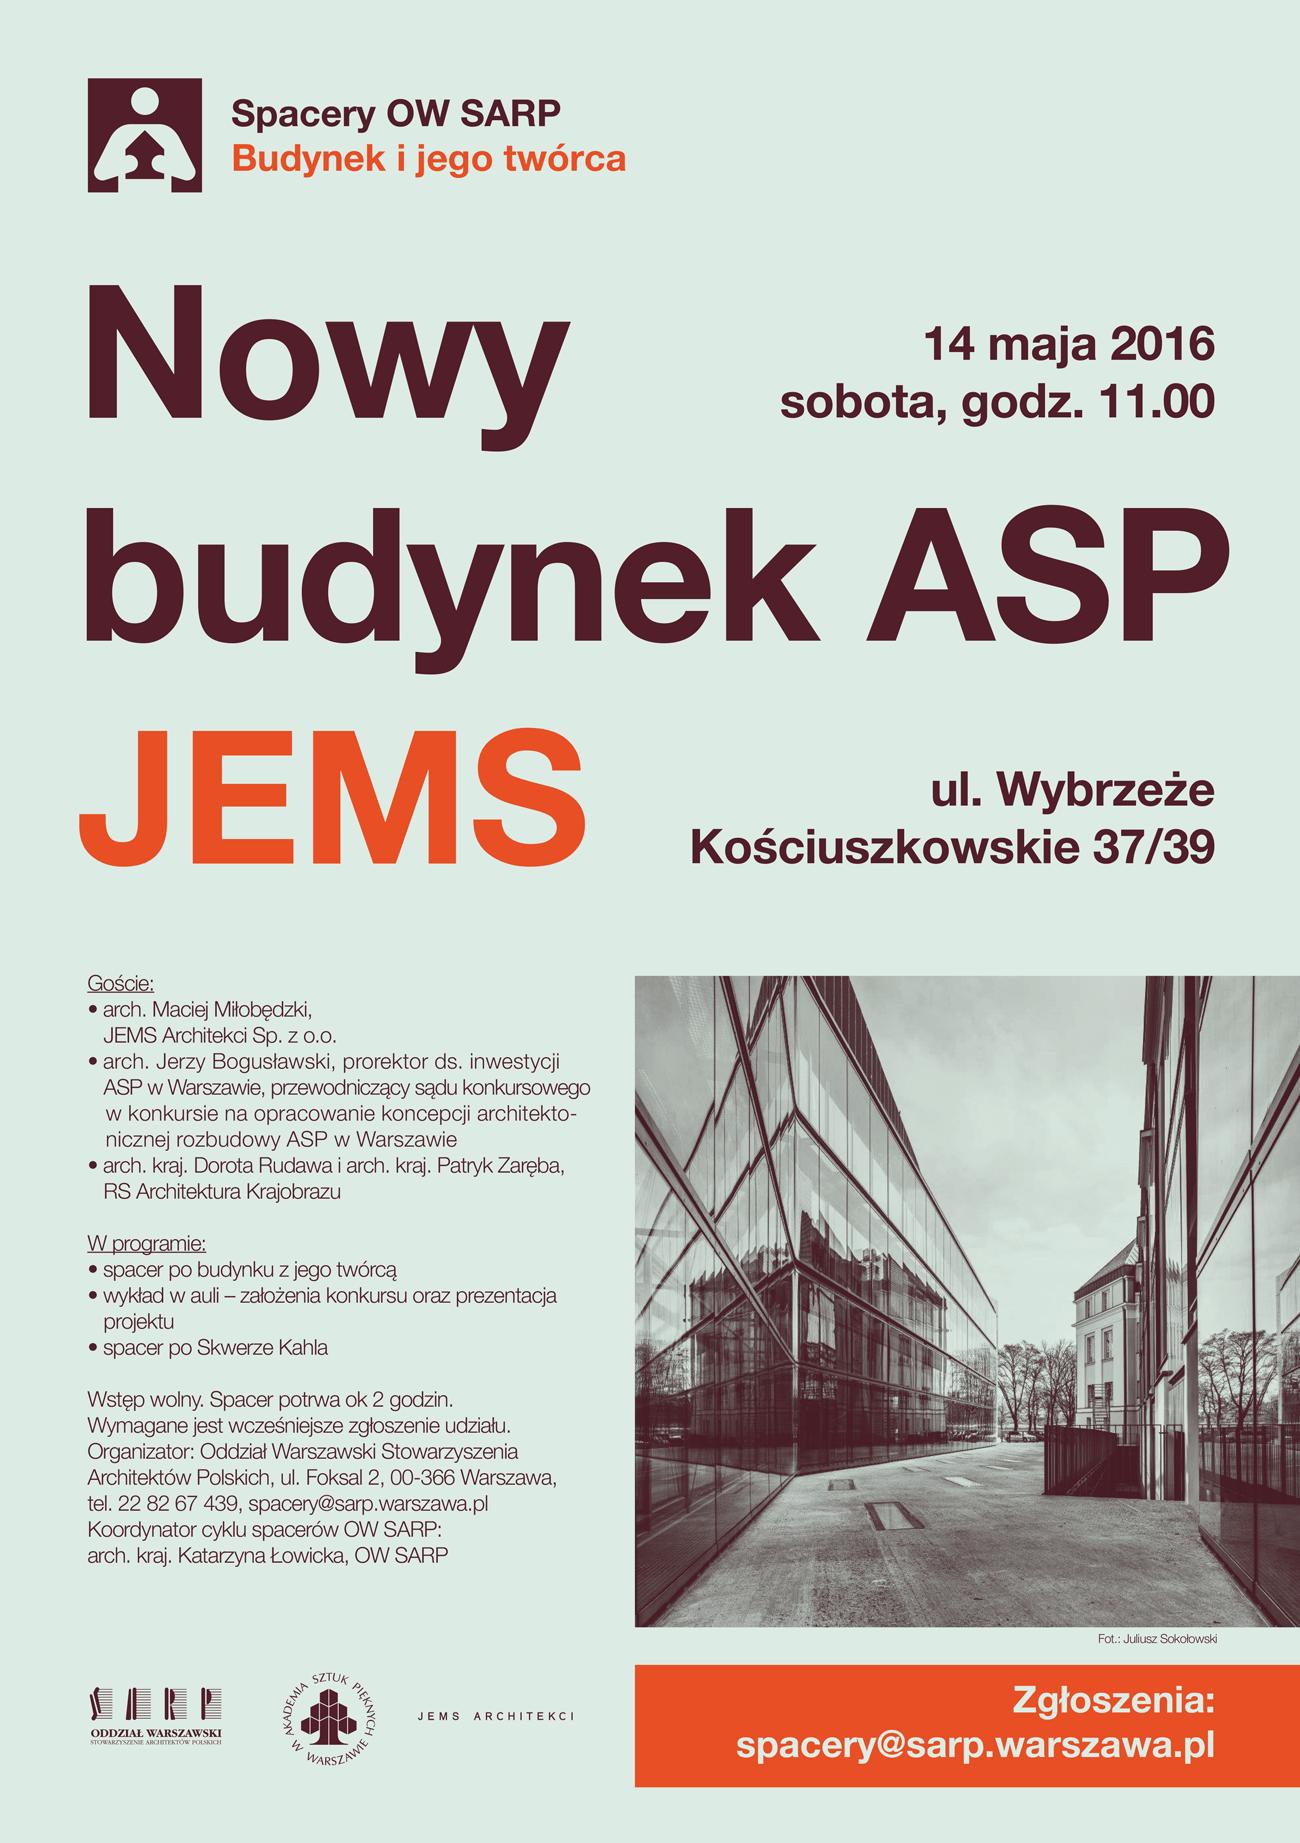 16_05_14_Spacery_OW-SARP_ASP_JEMS